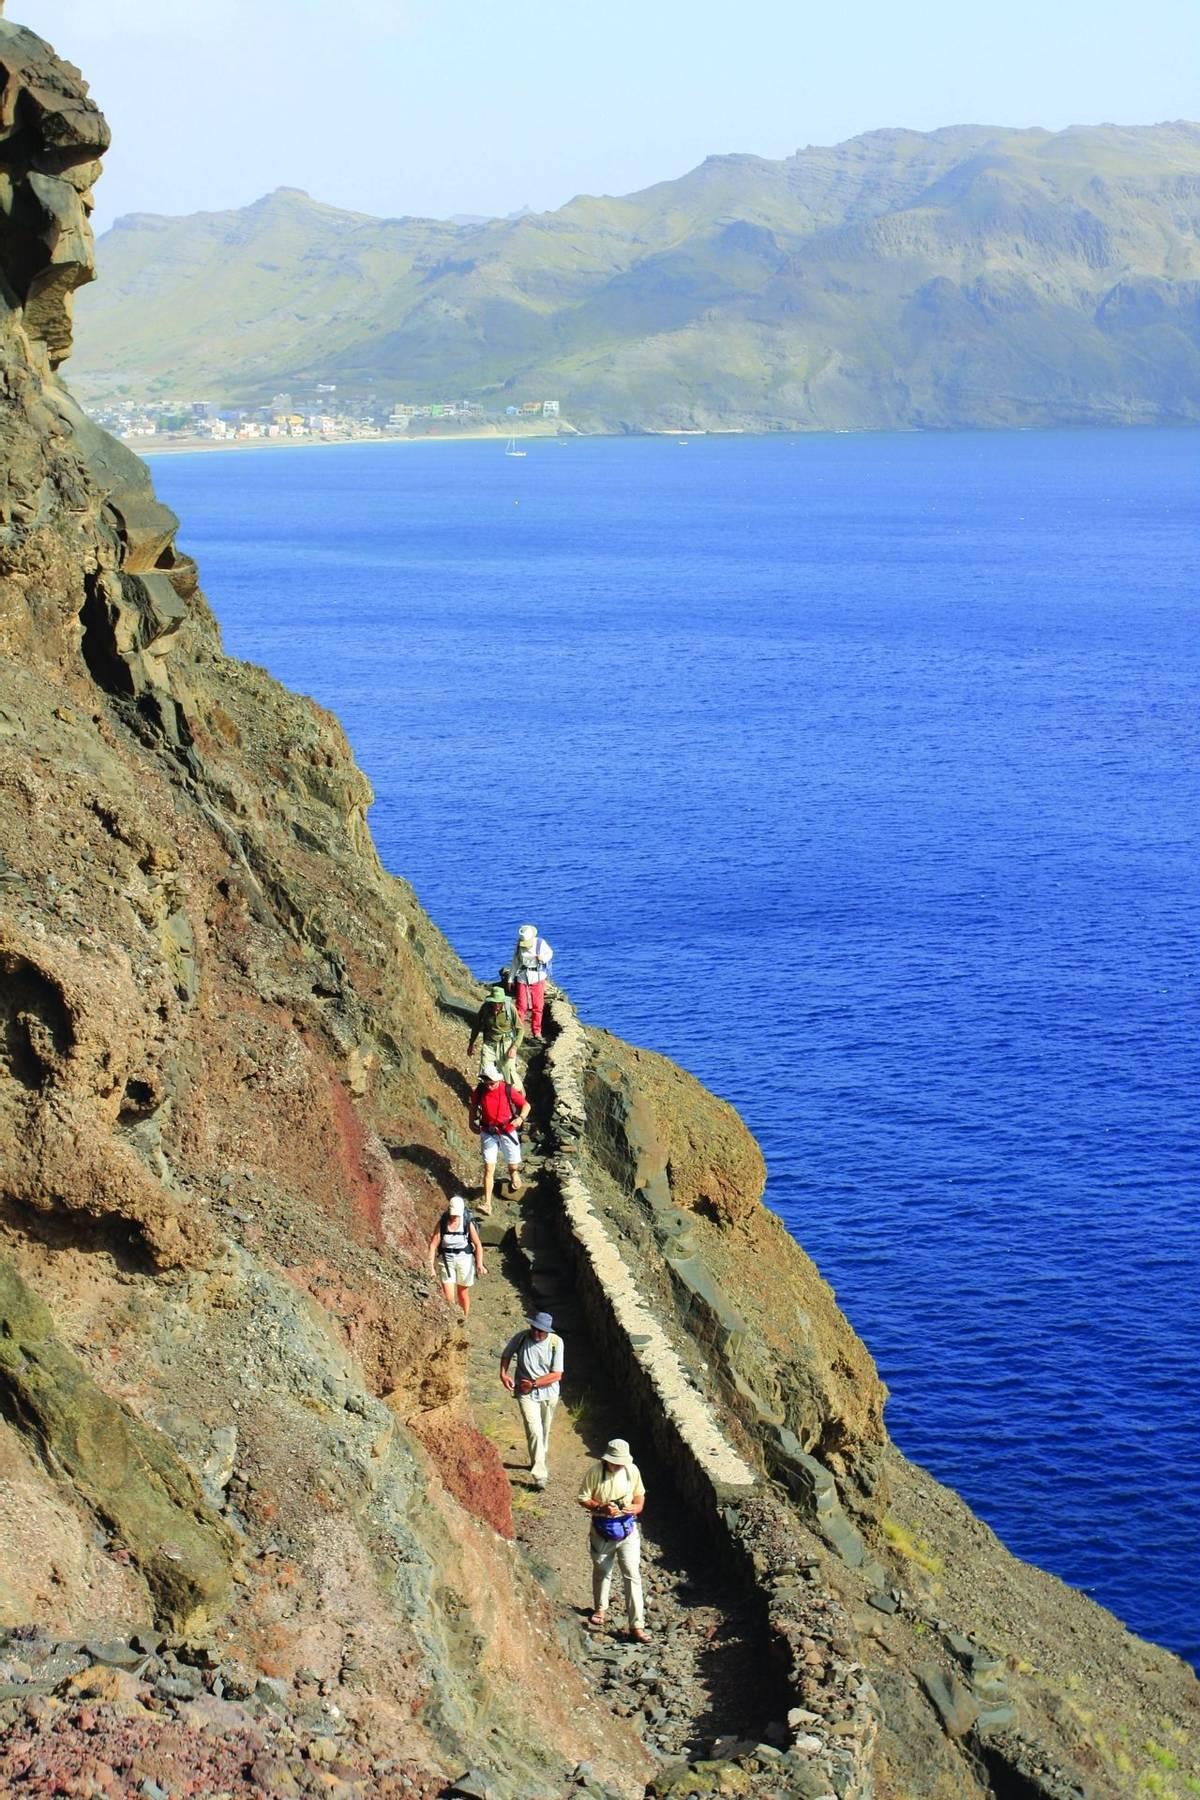 Africa - Cape Verde - Walkers - AdobeStock_19071205.jpg